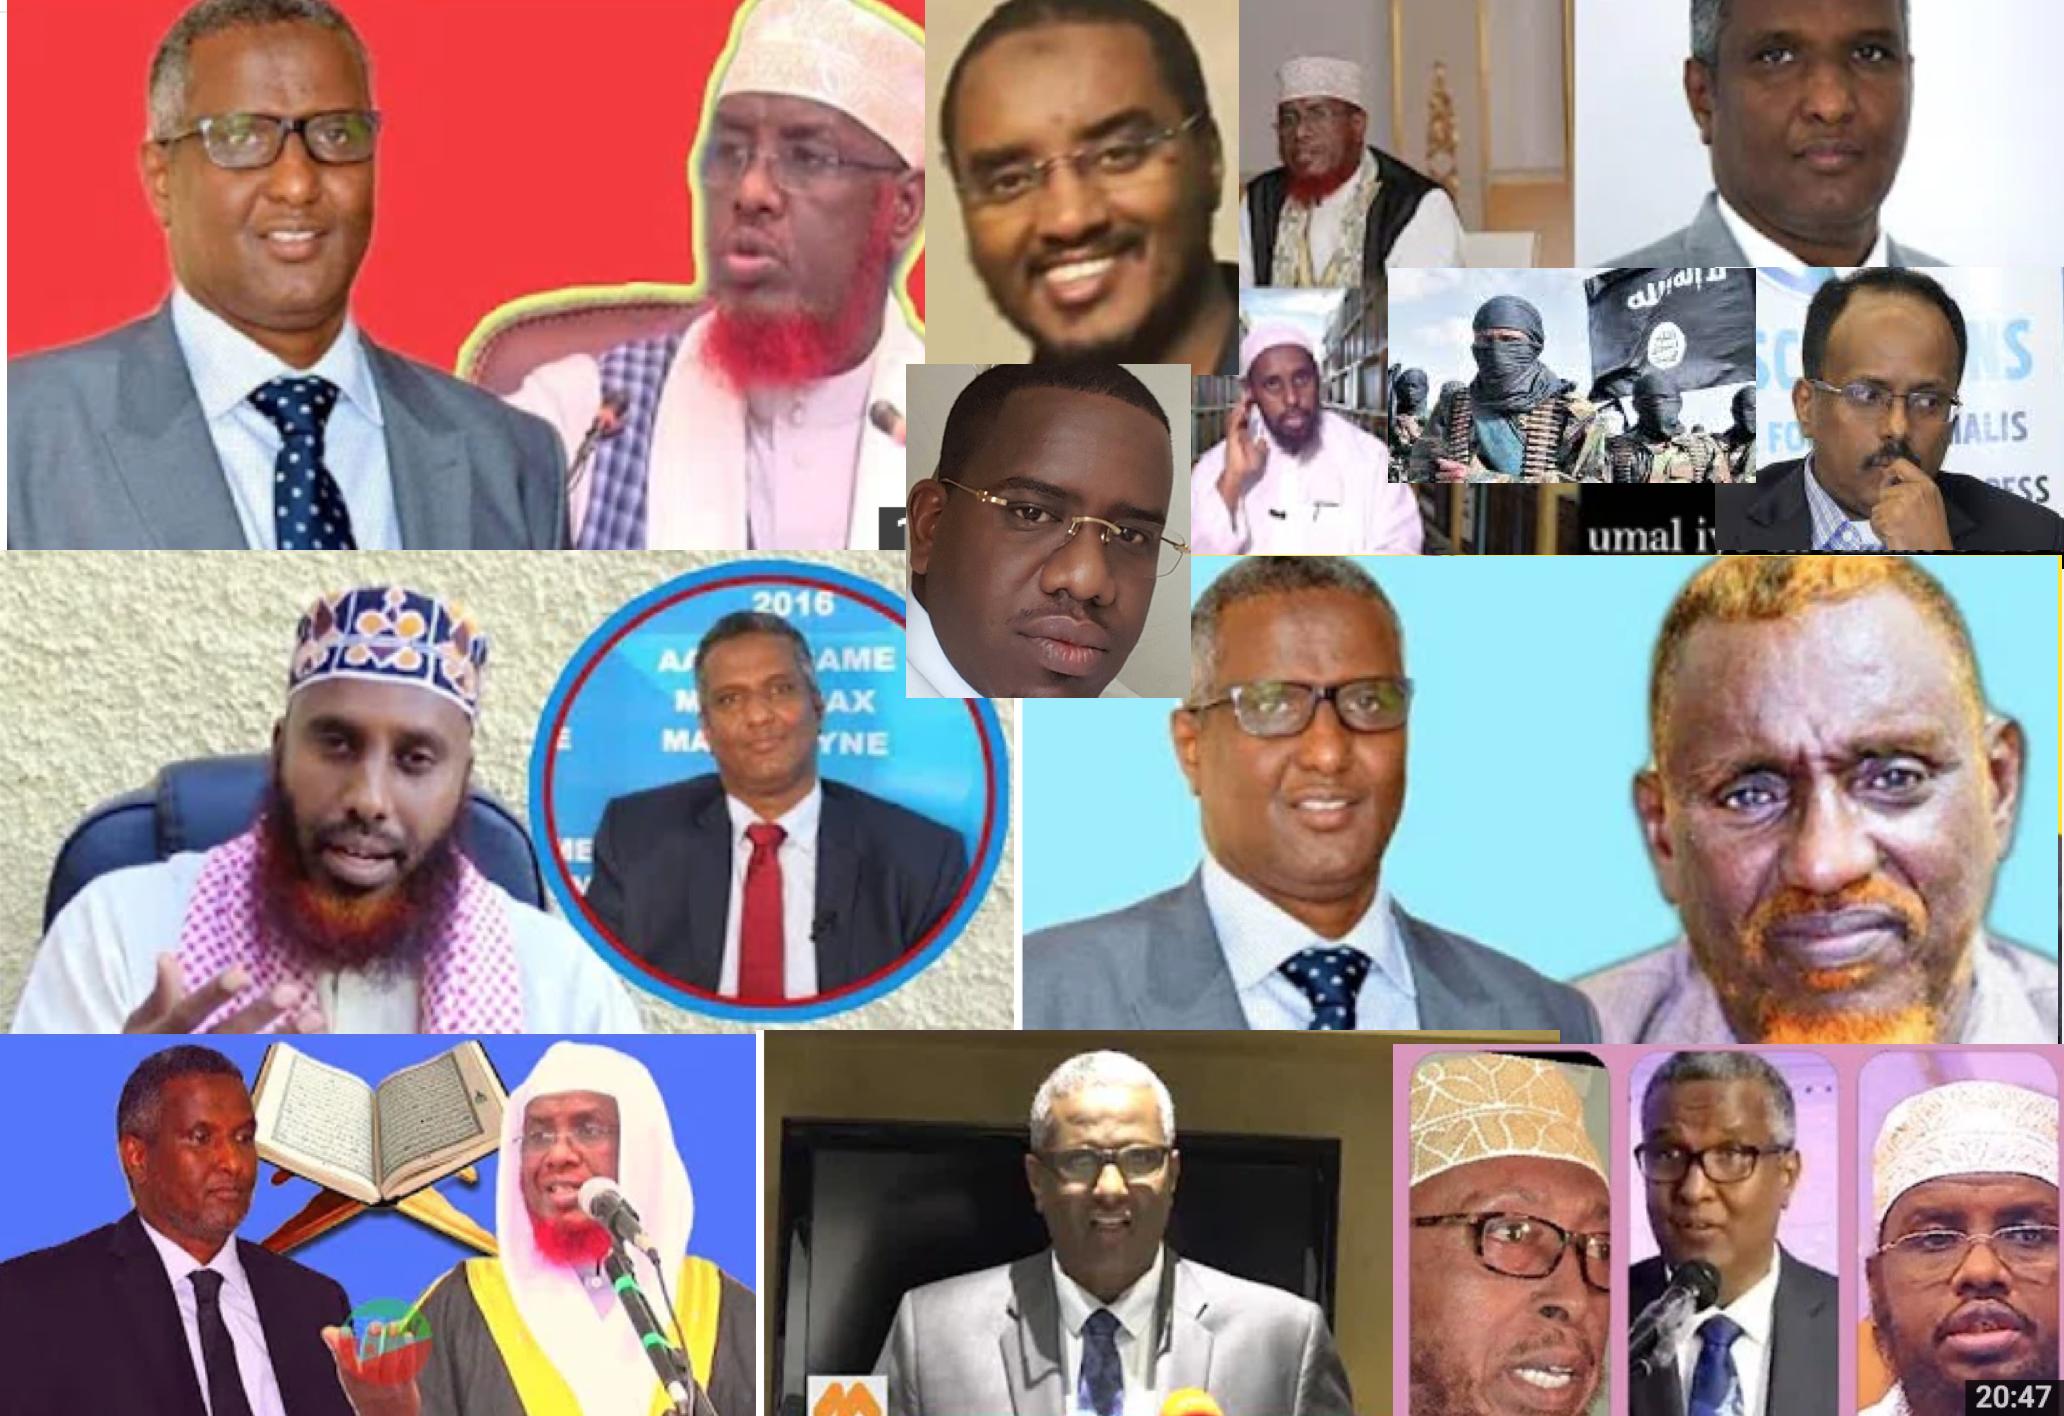 [Topnews:-] Xiriirka argagixisadda Somalia iyo Dowladda Farmaajo oo si toosa u soo shaacbaxay iyo Ahlusunah oo Warsaxaafadeed culus soo wado.